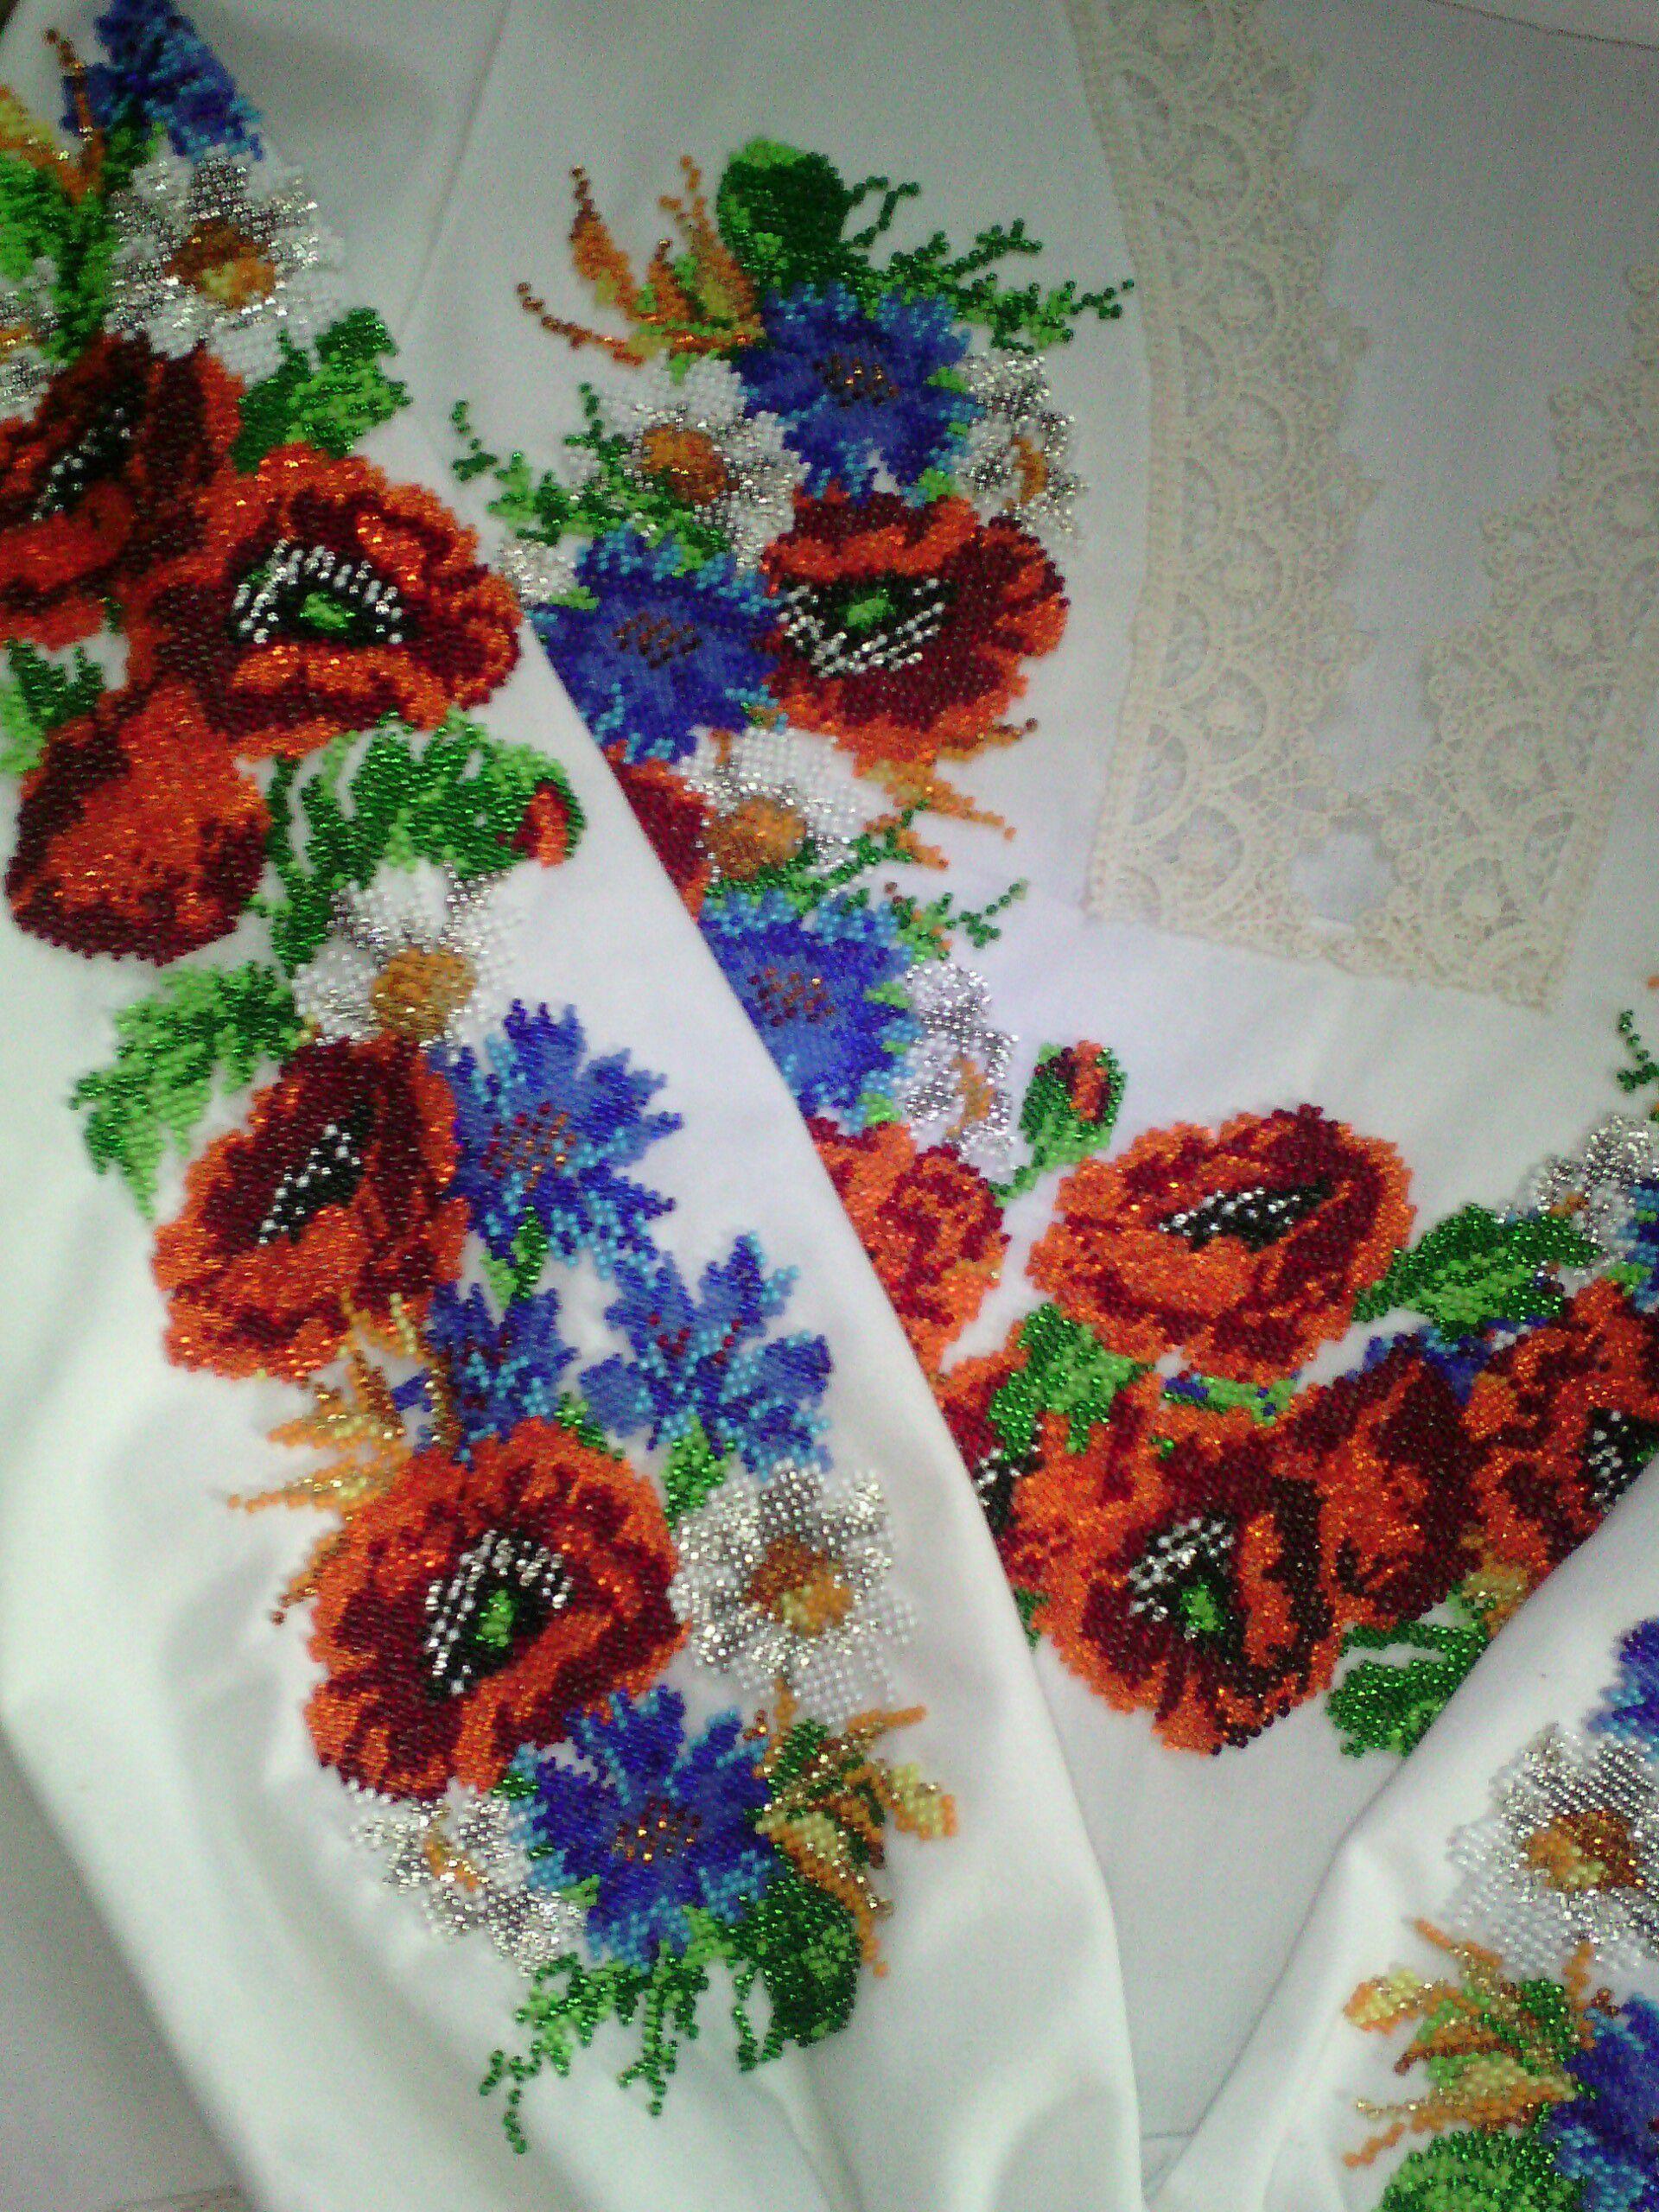 маки женщине бисер чешский блузка васильки вышиванка подарок